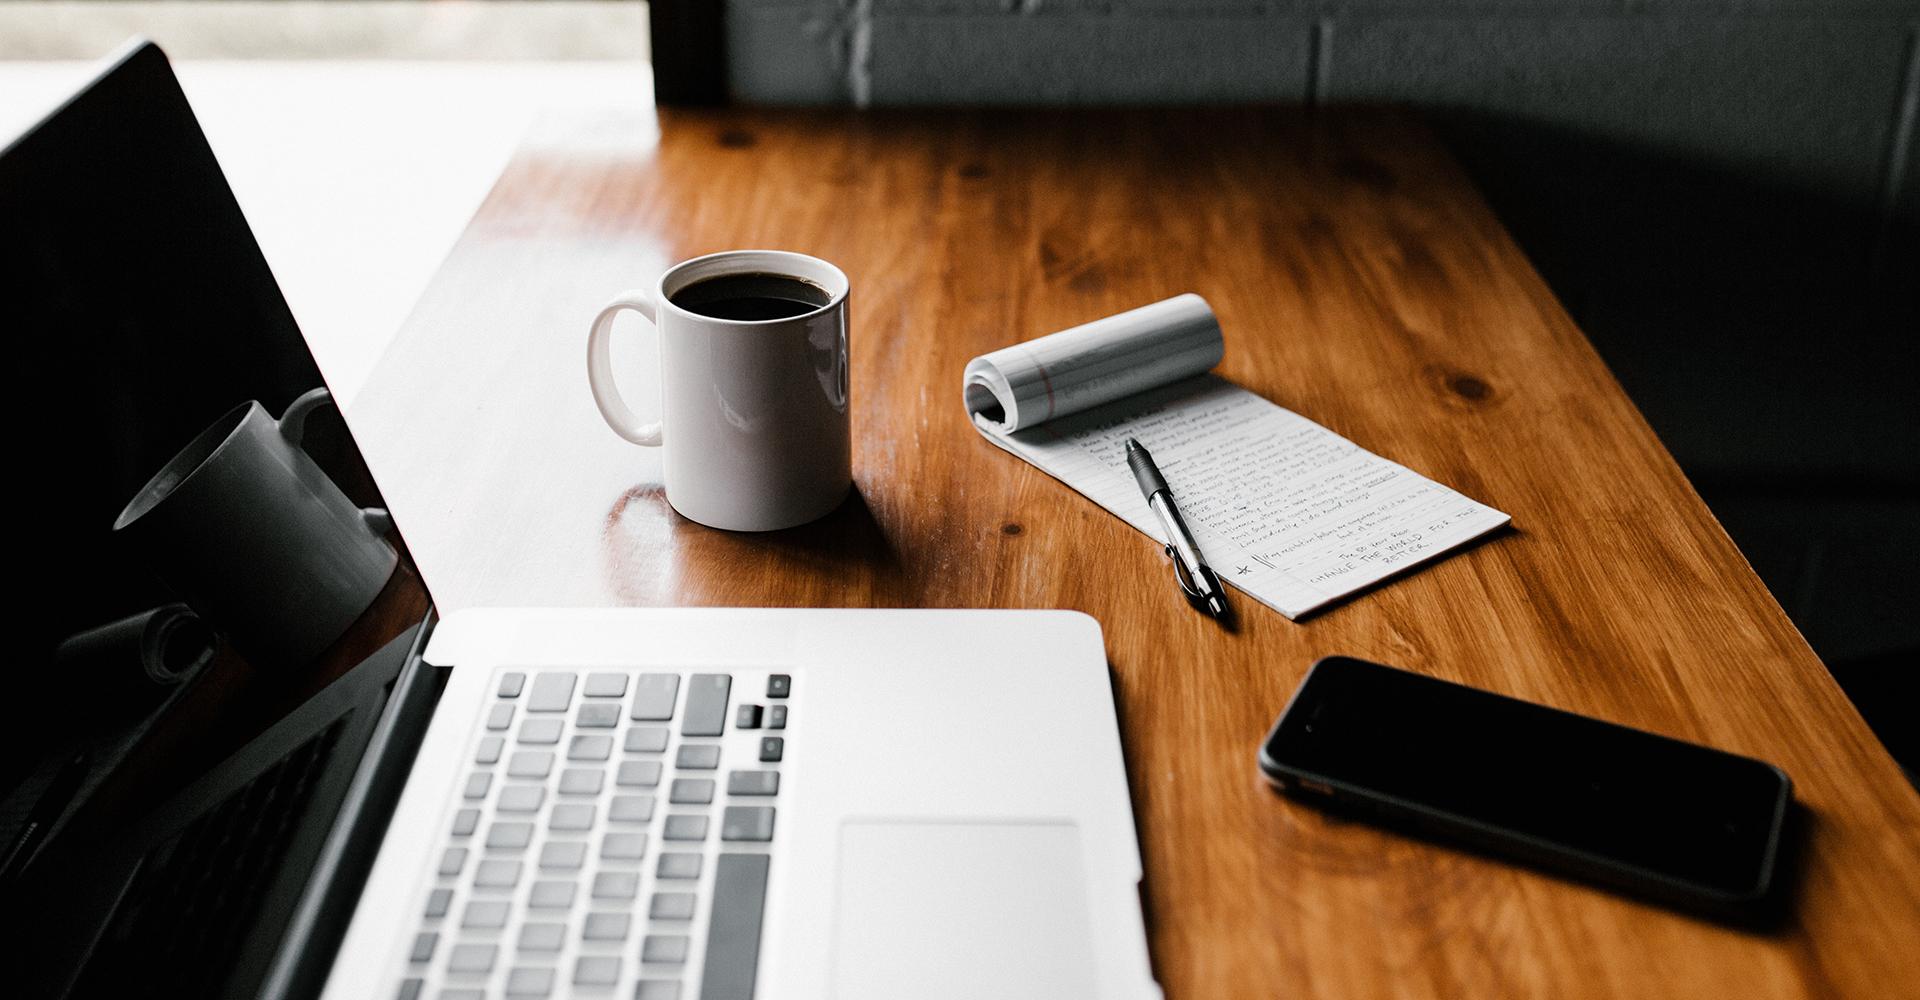 Der Arbeitsplatz der MBA-Blogger: Ein Laptop, ein Smartphone, Kaffee und Notizen